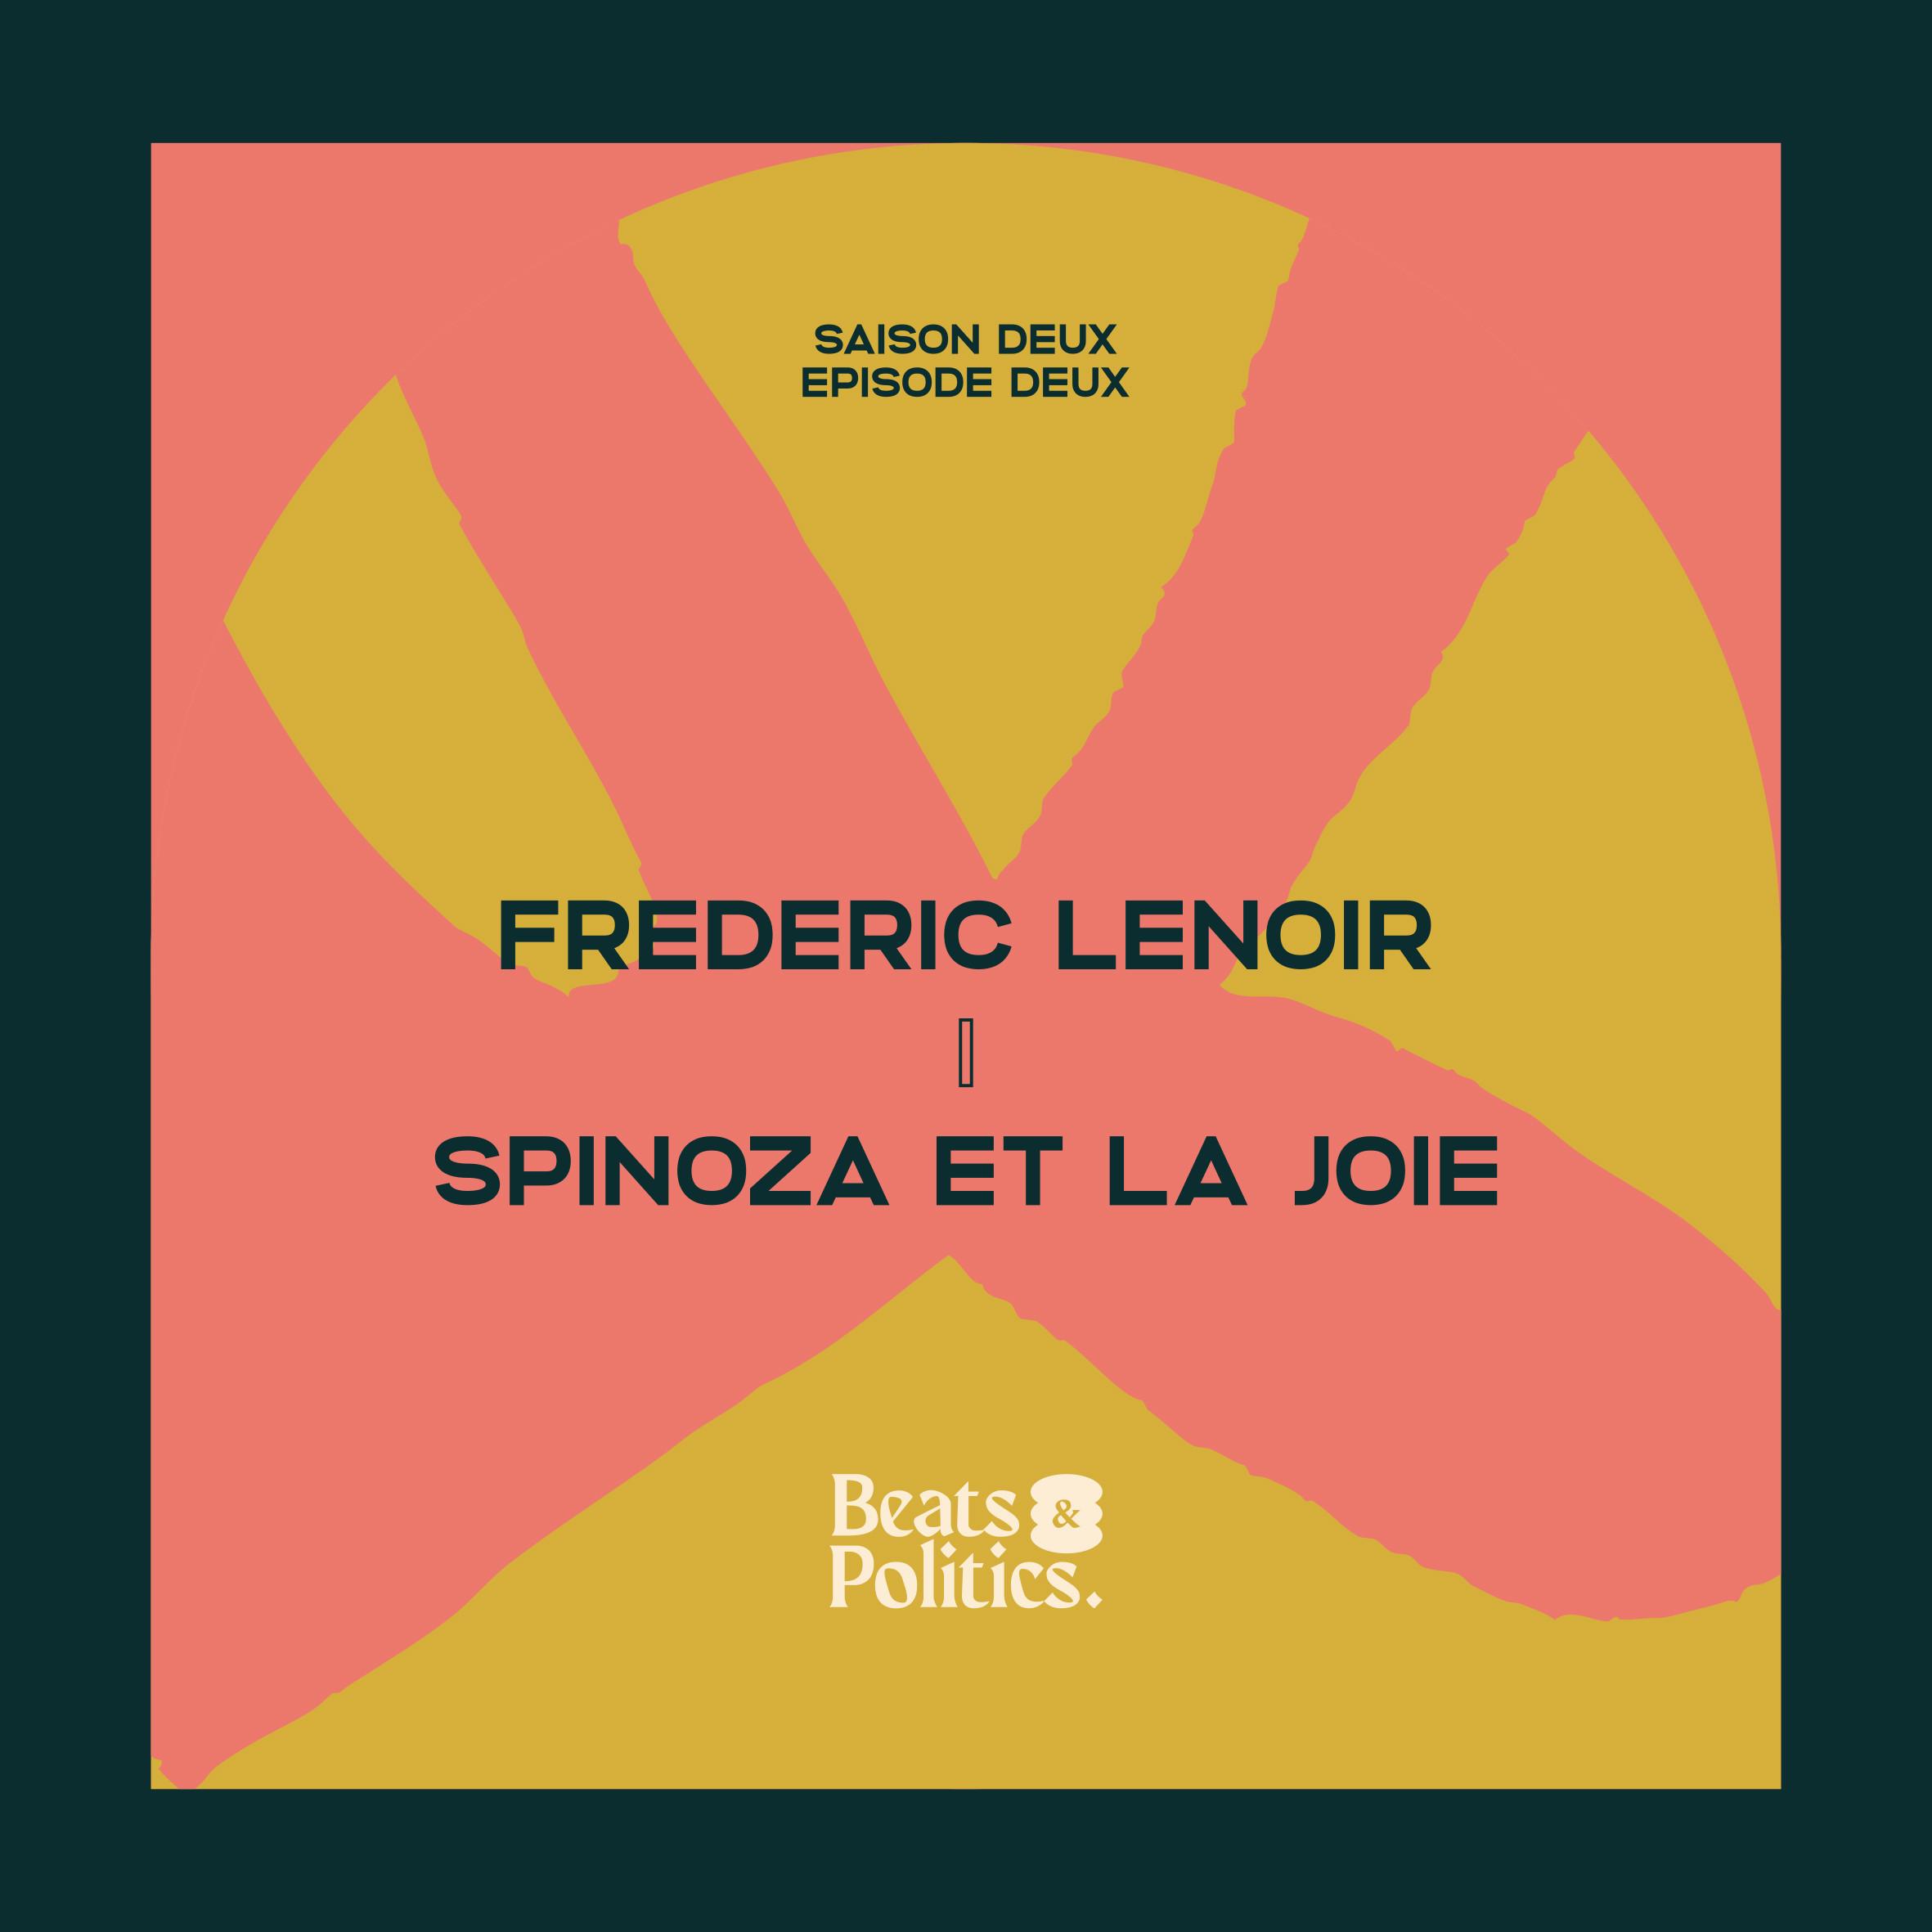 Frédéric Lenoir : Spinoza et la joie